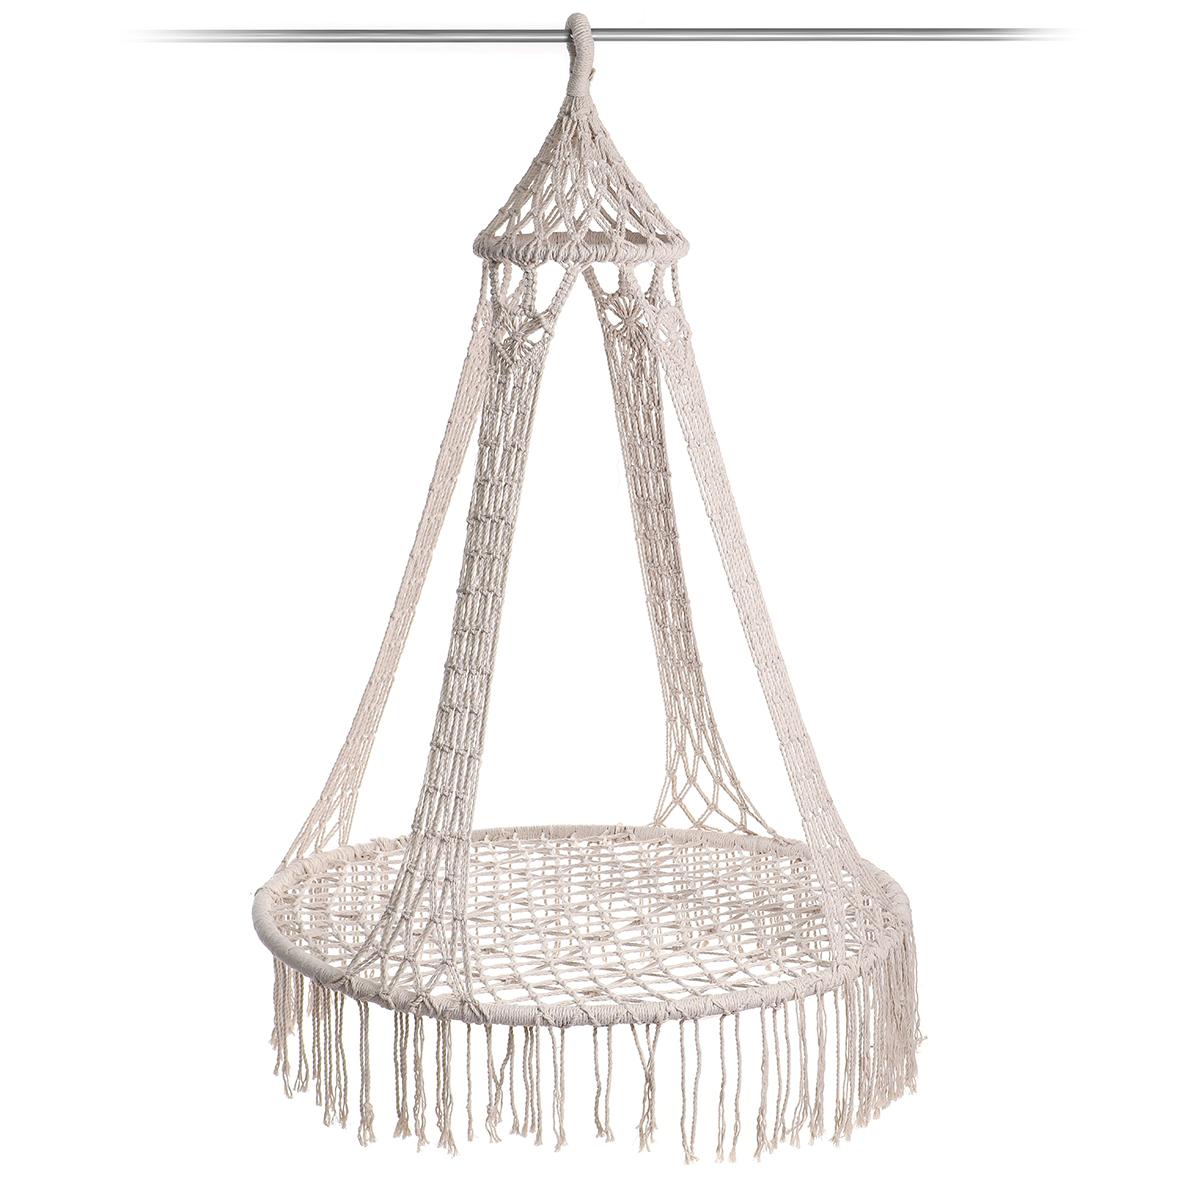 Садовый шезлонг подвесной стул гамак качели сиденье крытый На открытом воздухе Кемпинг кисточка